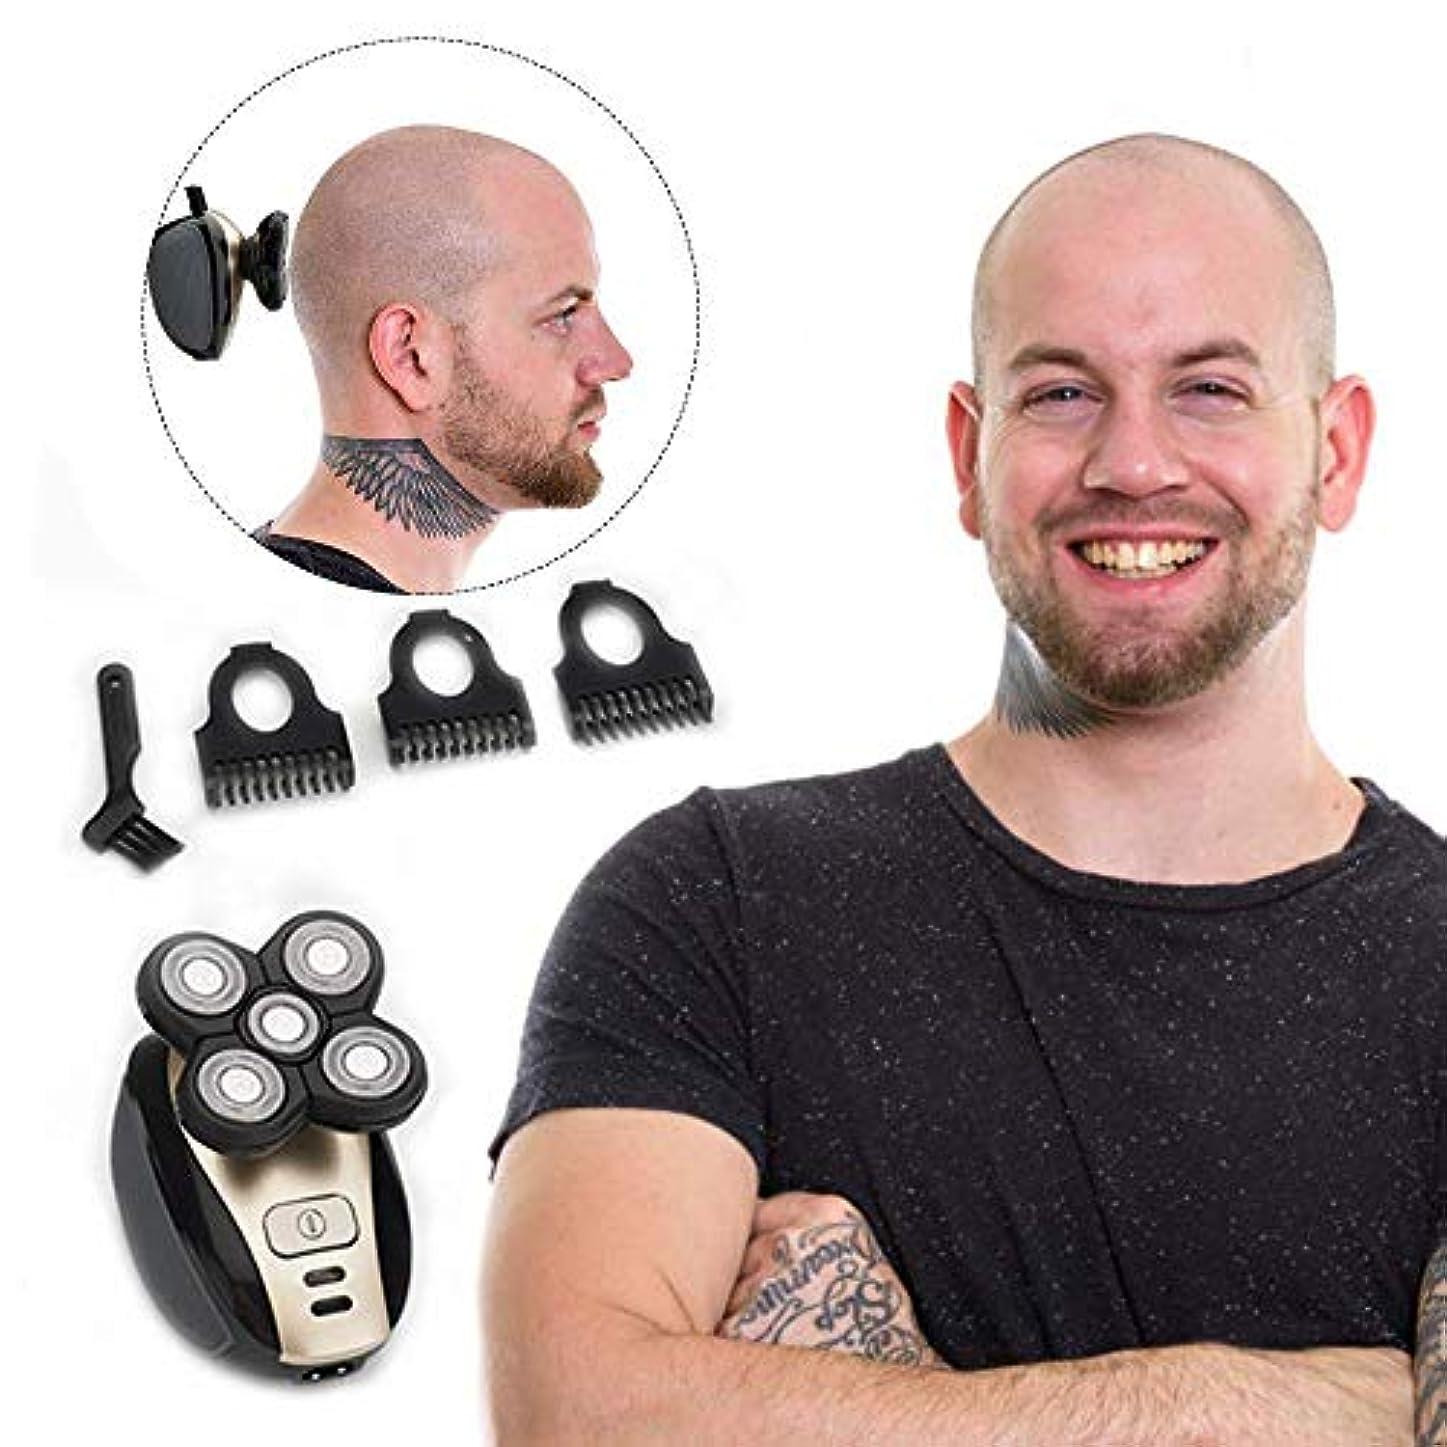 許すフィット汚い電気かみそり電気かみそりクイックUSB充電式ウェットドライロータリーシェーバー4Dフローティング5かみそりヘッドコードレスグルーミングキットヘアかみそり付き男性用